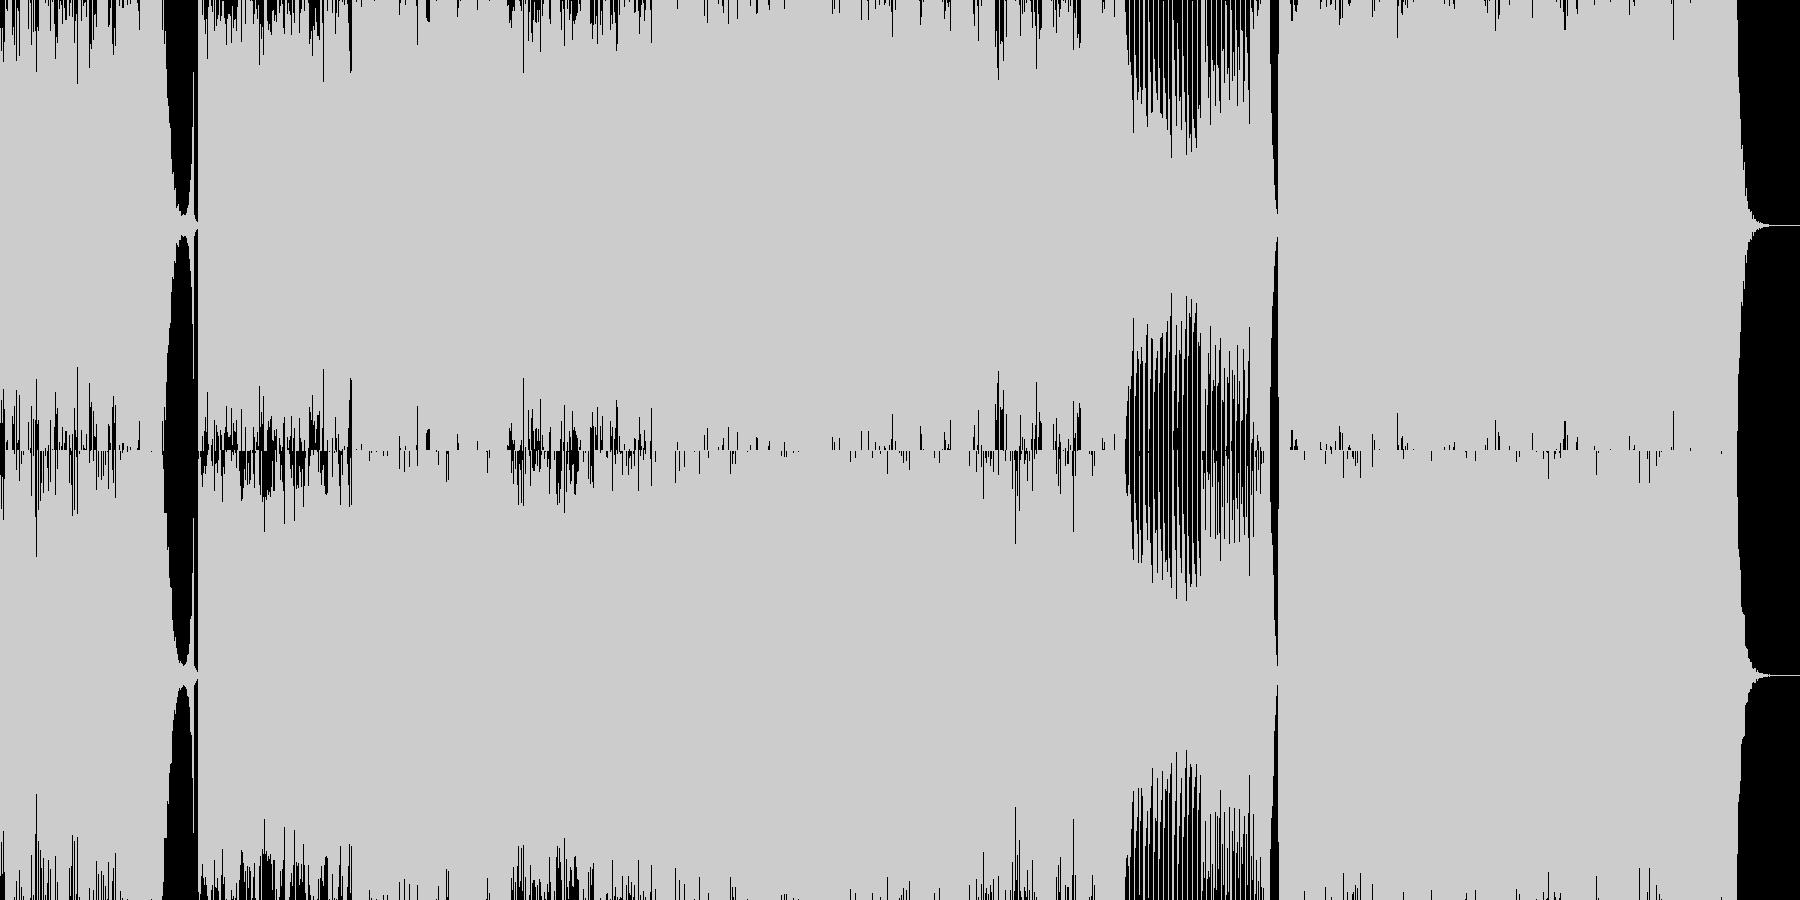 結婚行進曲(メンデルスゾーン)テクノの未再生の波形